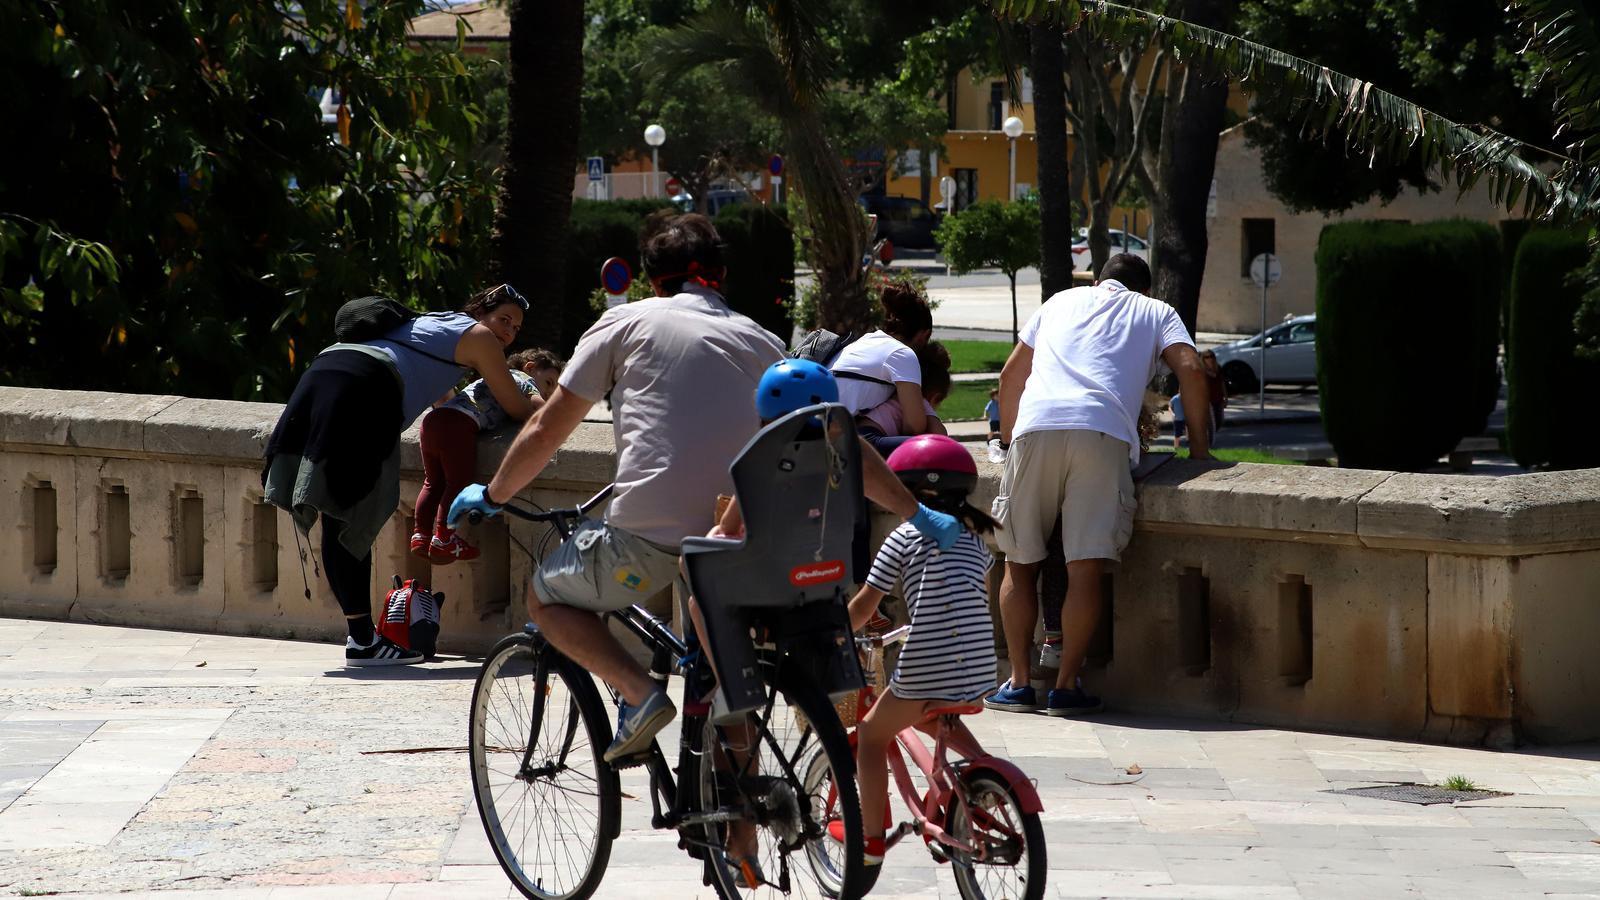 Famílies a Palma durant el primer dia de desconfinament dels menors de 14 anys